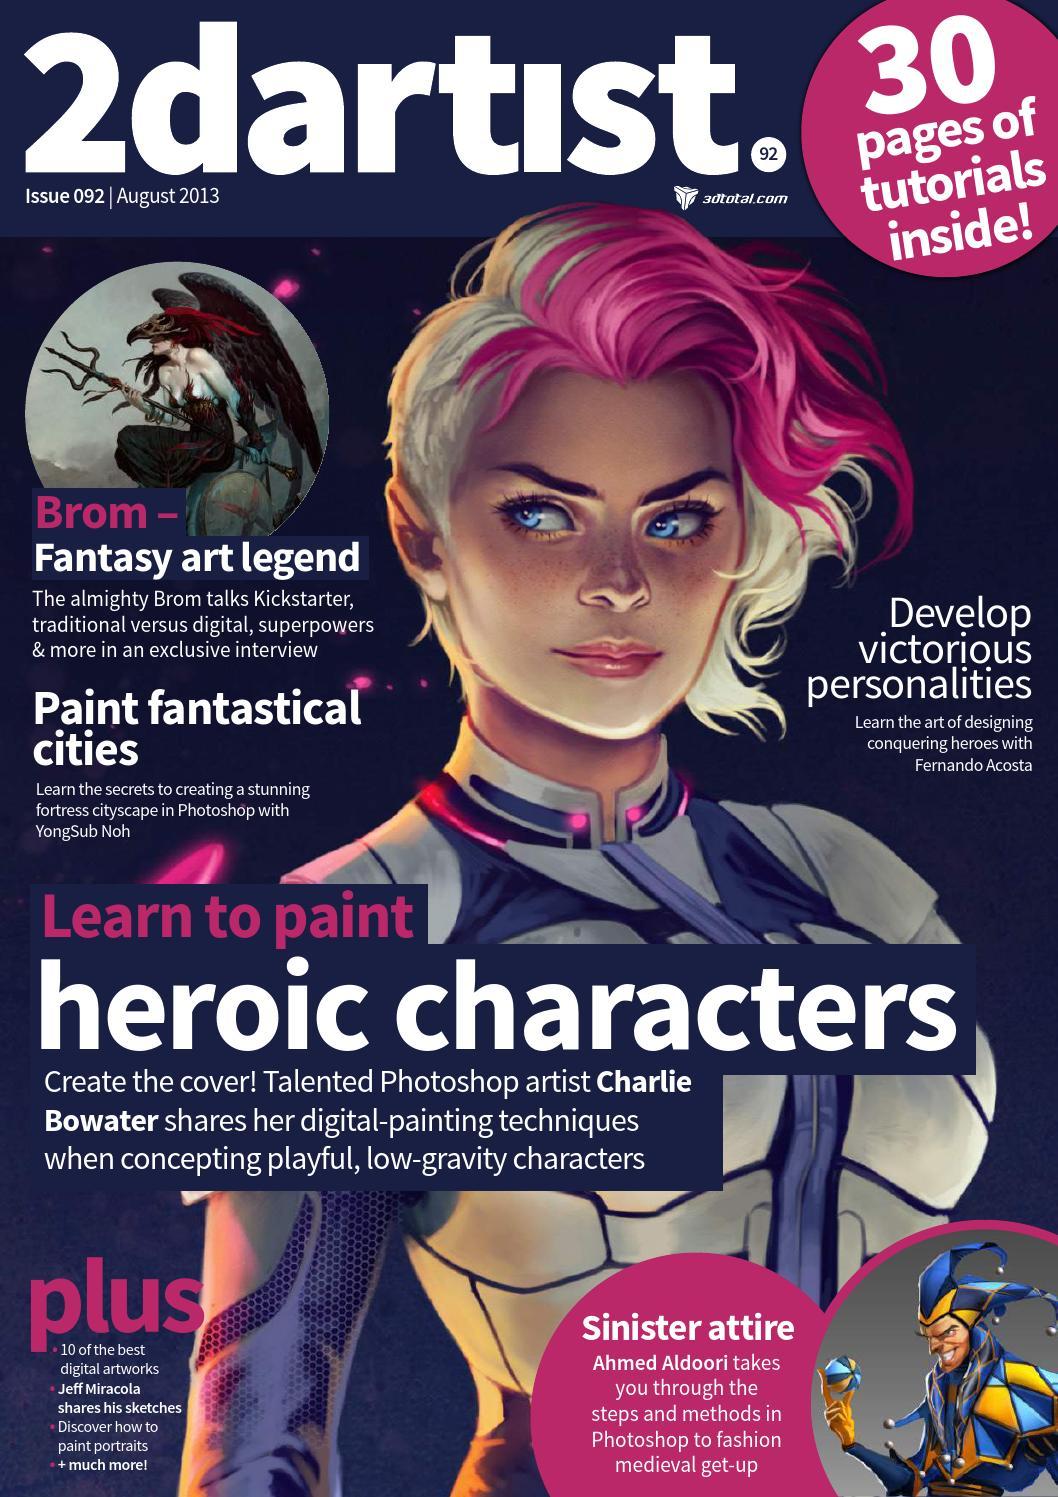 2D Artist  Issue 092  August 2013 by Kahshan Lau  Issuu